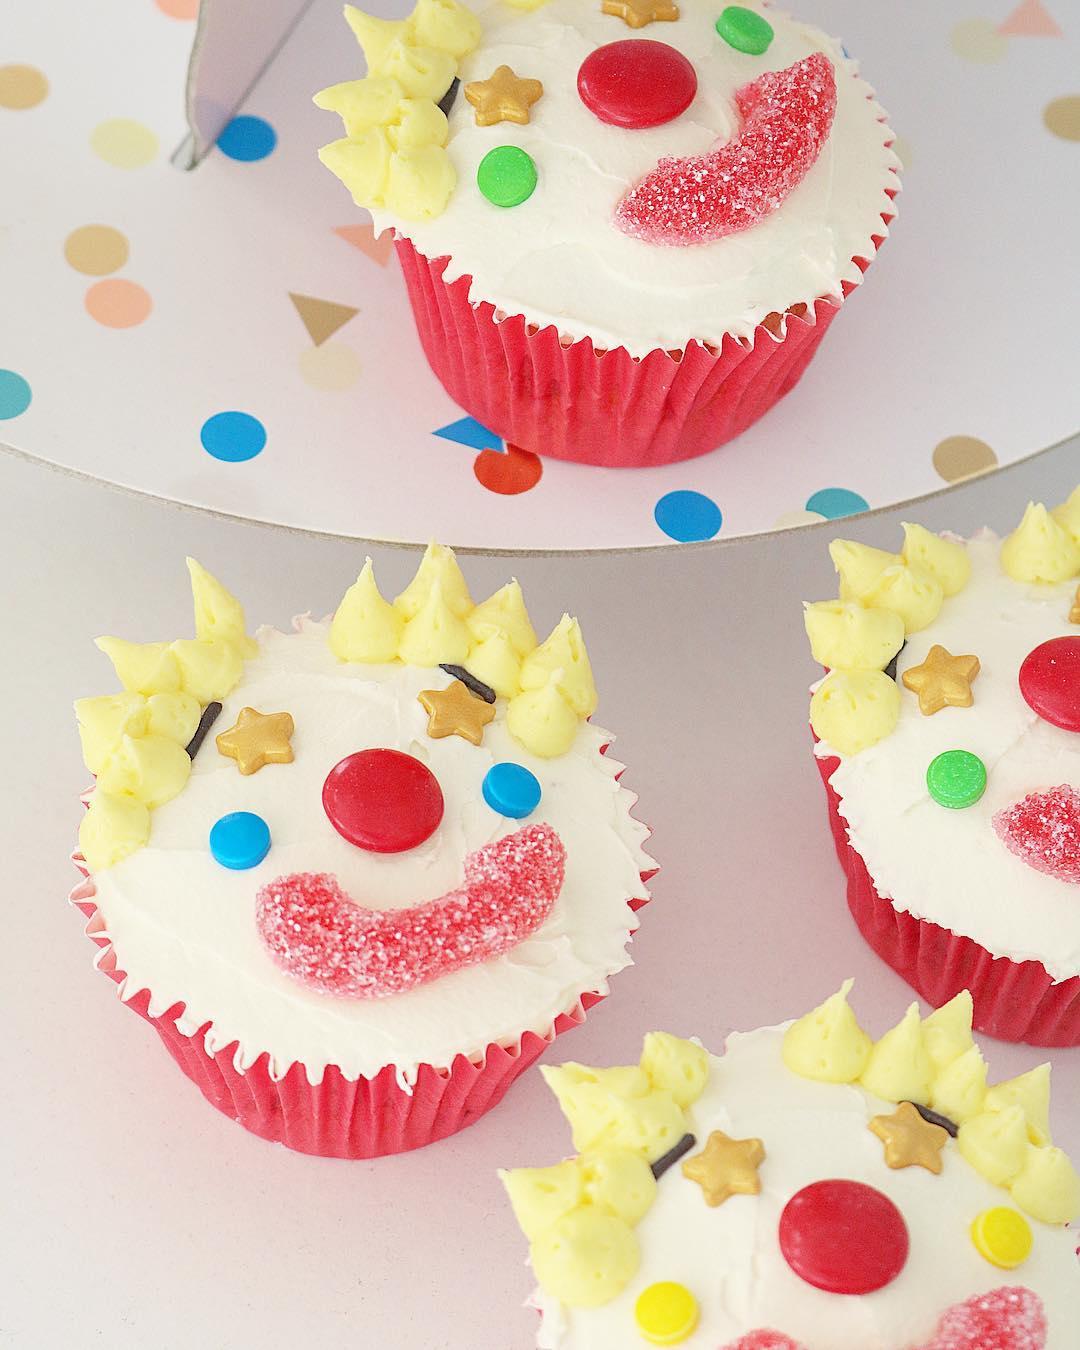 Cupcakes payasos